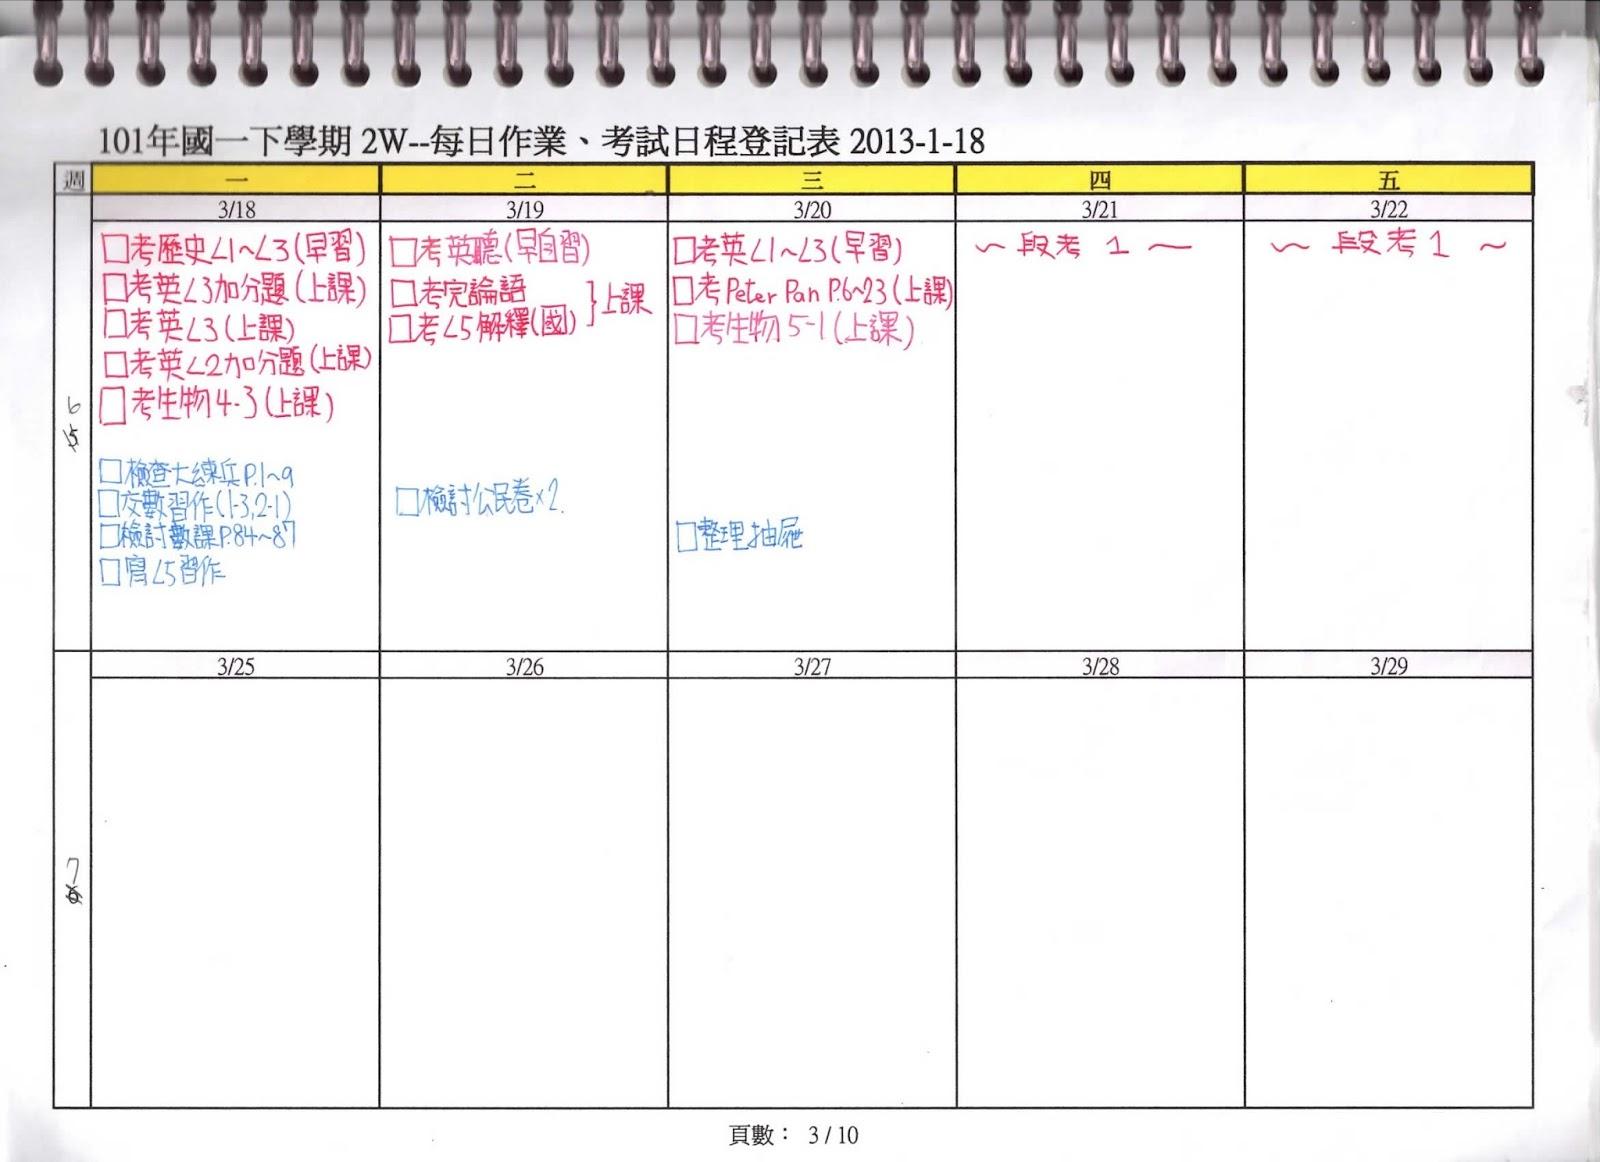 75 讀書會: 2013-3-15(五) 功課